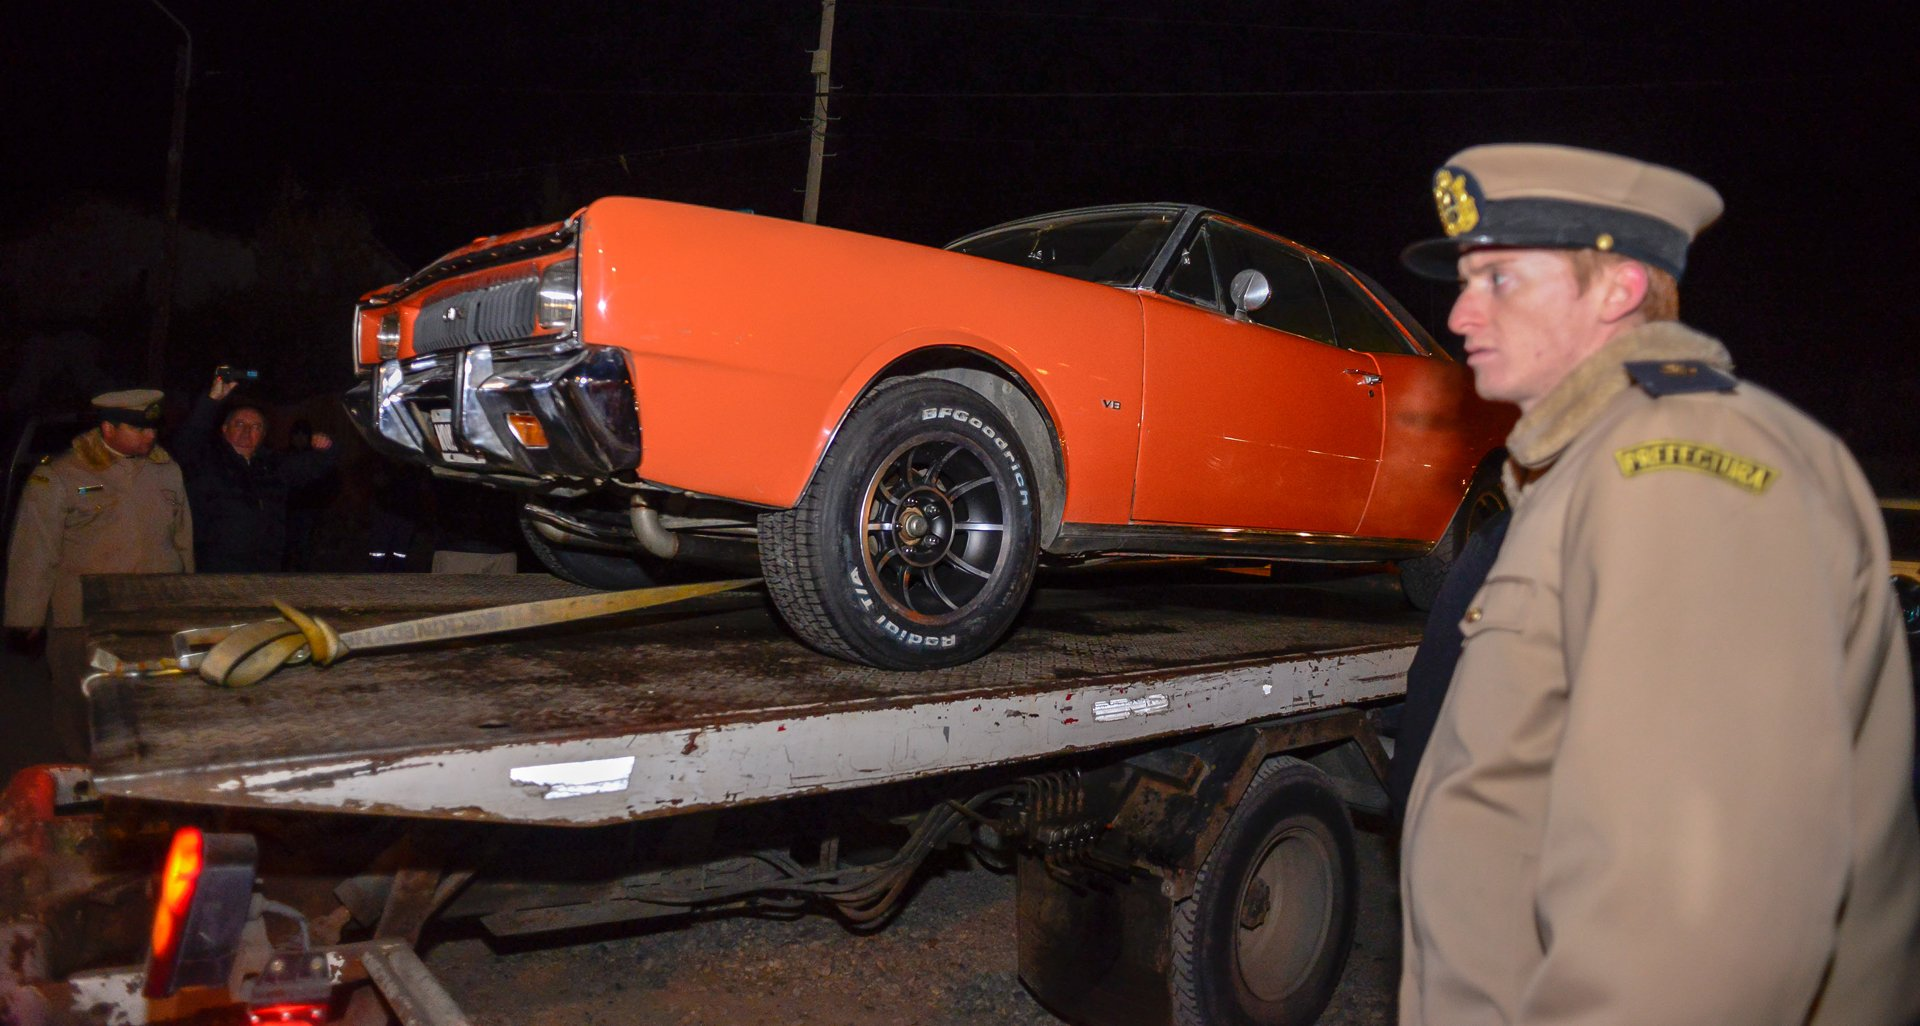 Autos de colección: además de la Dodge GTX cupé había un Torino gris y un Ford Falcon negro